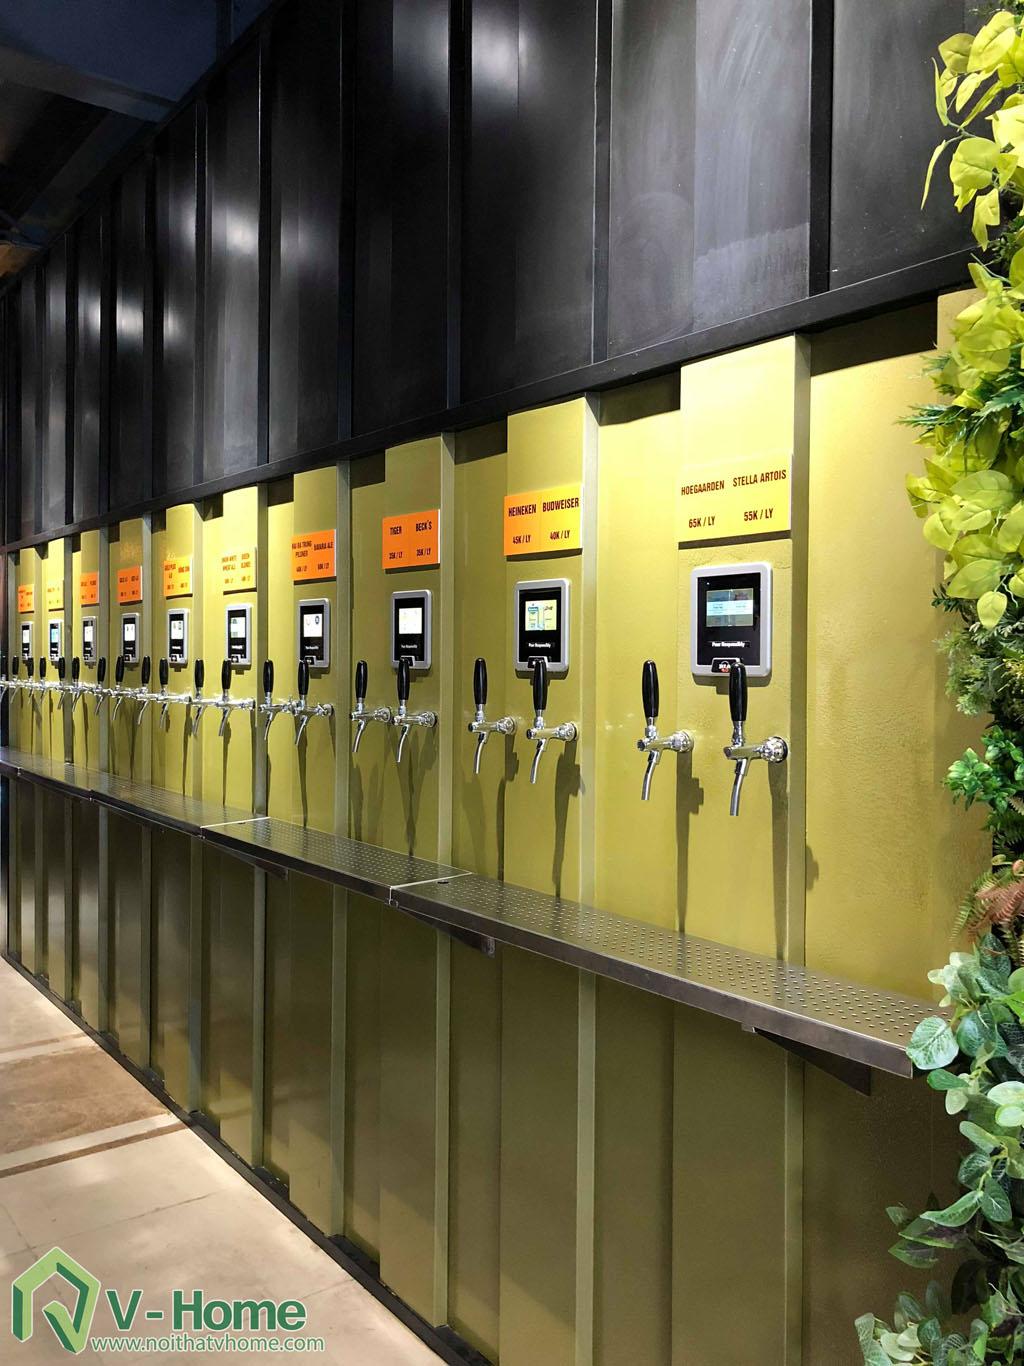 thi-cong-bia-atm-4.0-2 Thi công dự án thiết kế nội thất quán bia ATM 4.0